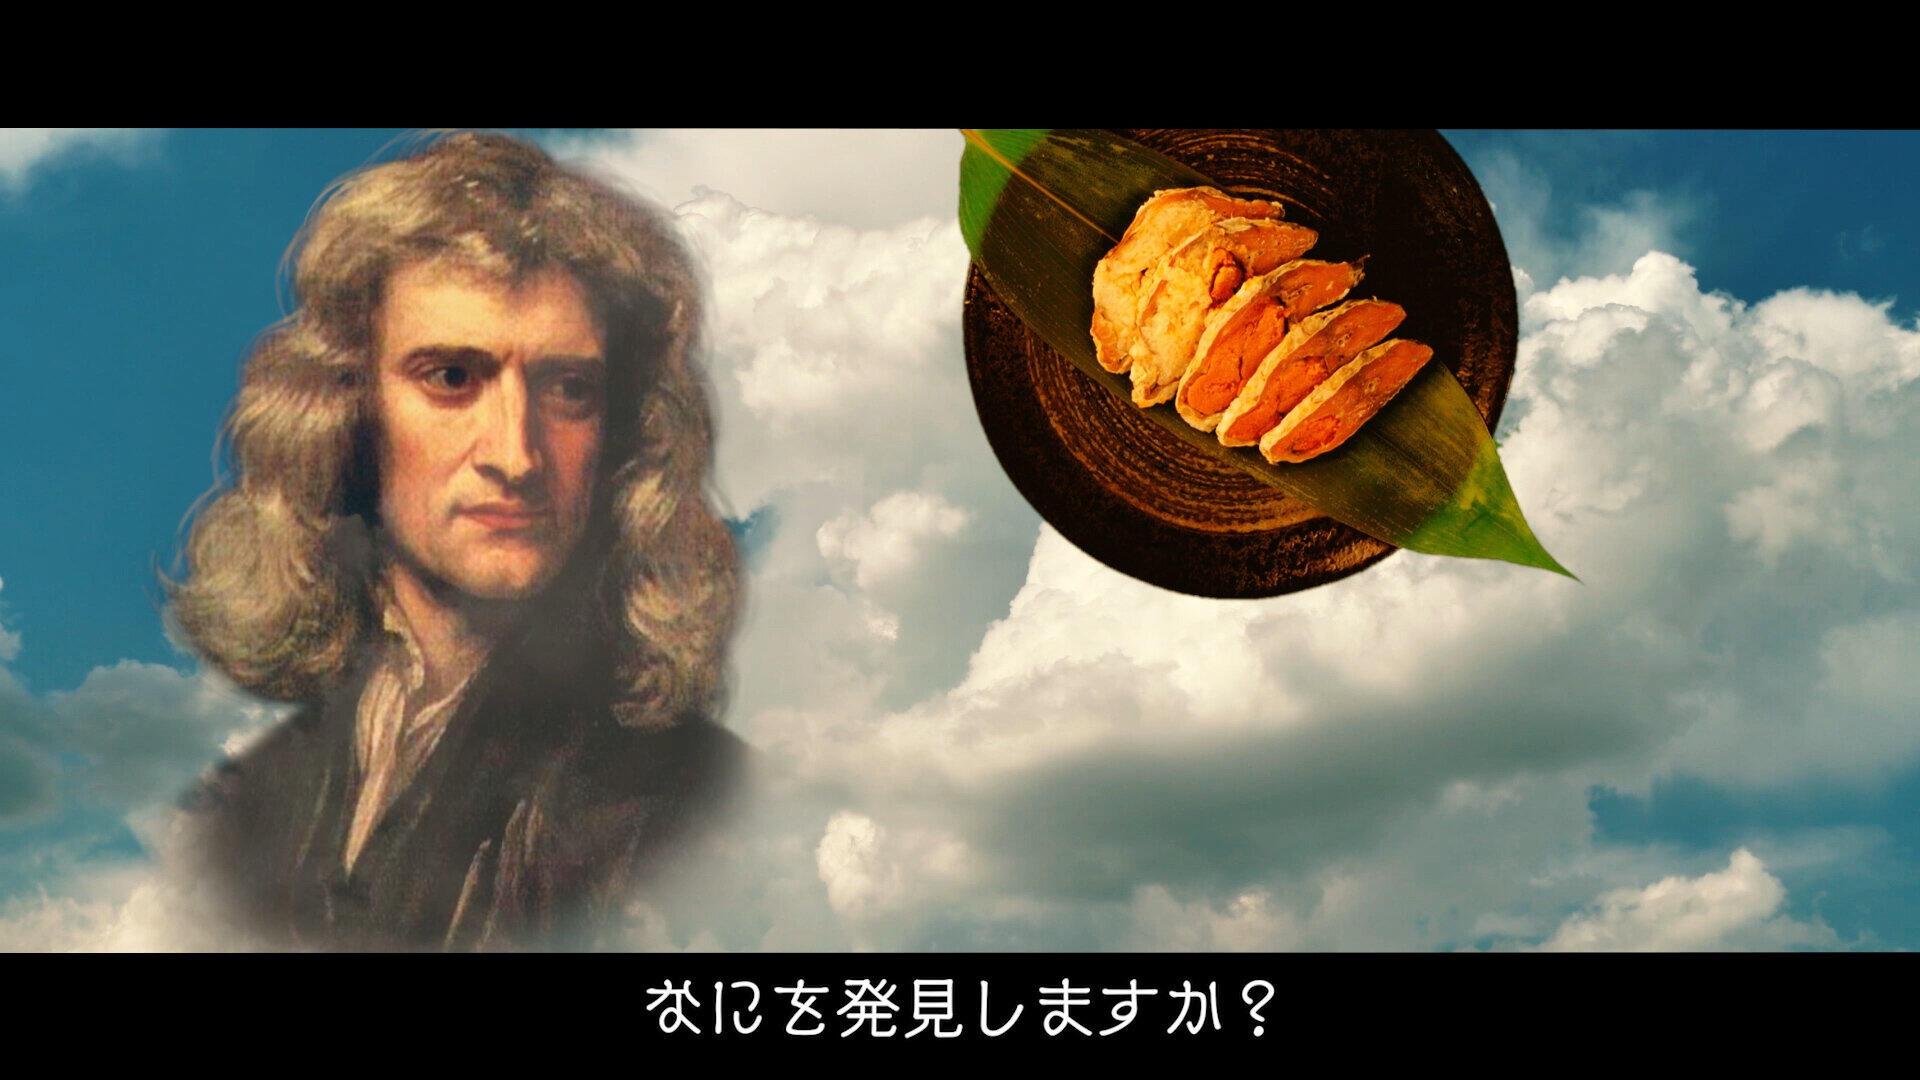 滋賀県のPR動画なんじゃこりゃ 鮒ずし落下、赤こんにゃく行進、そしてニュートン